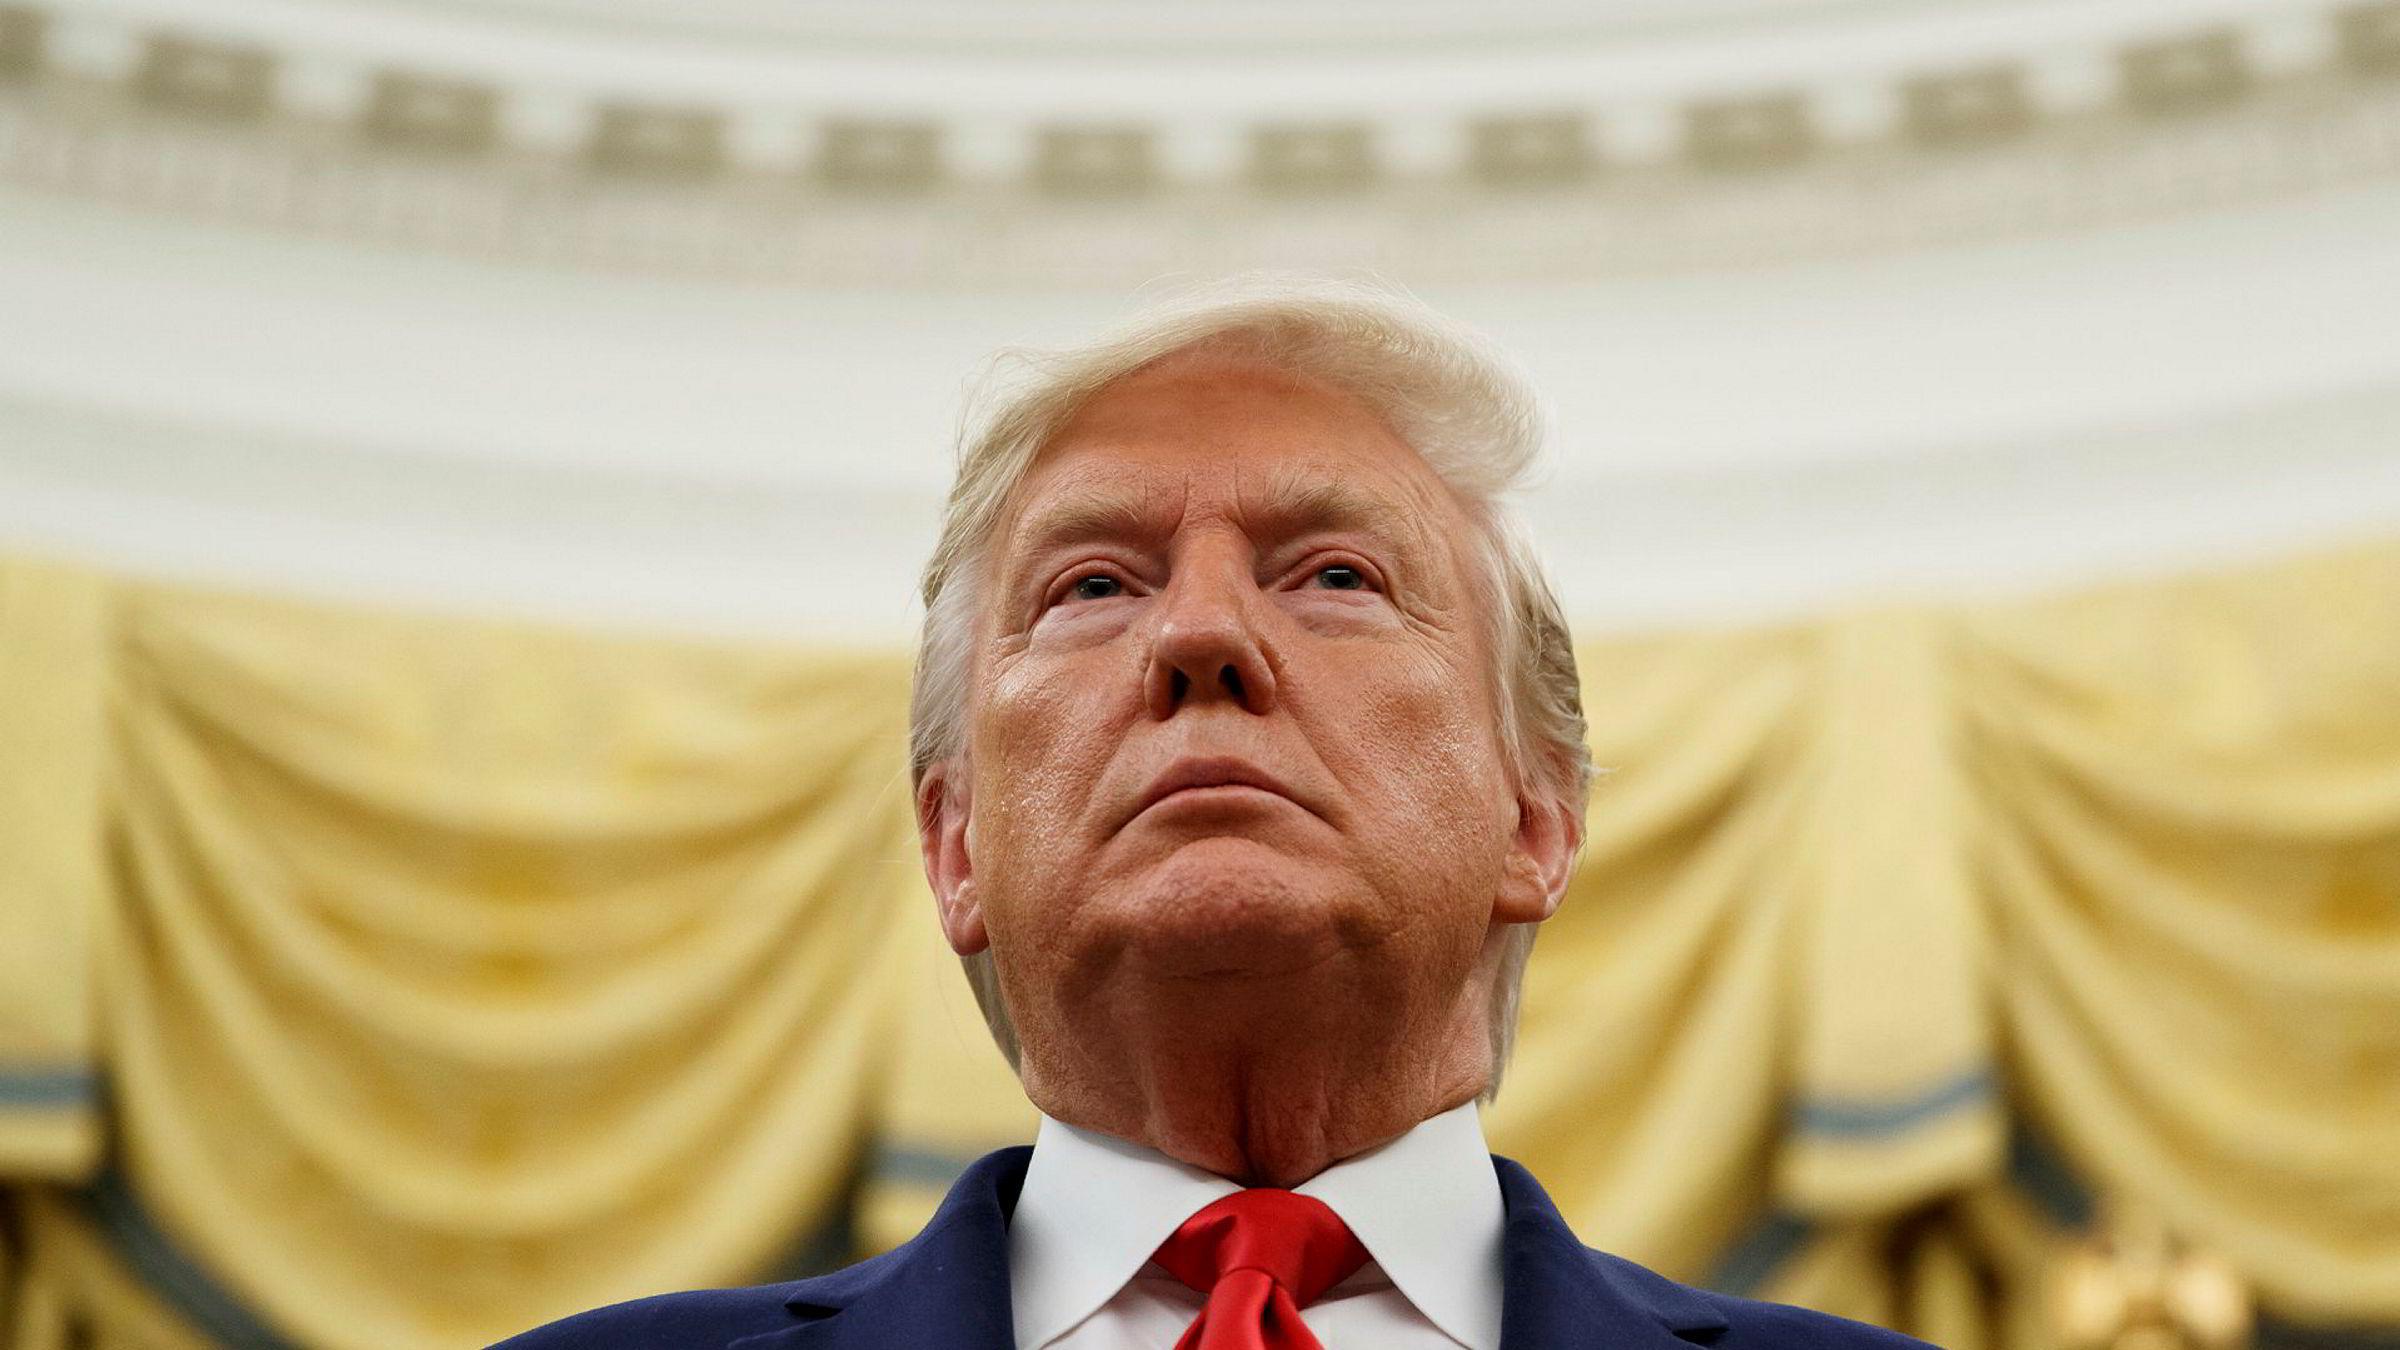 USAs president Donald Trump fikk hjelp fra Russland til å vinne valget, viser granskinger, men det er ikke slått fast at valgkampmedarbeiderne hans samarbeidet med Russland om det. Trump har avvist påstandene om et samarbeid og forsøkt å hindre undersøkelser av hva som har foregått, ifølge Mueller-rapporten. Foto: Alex Brandon / AP / NTB scanpix